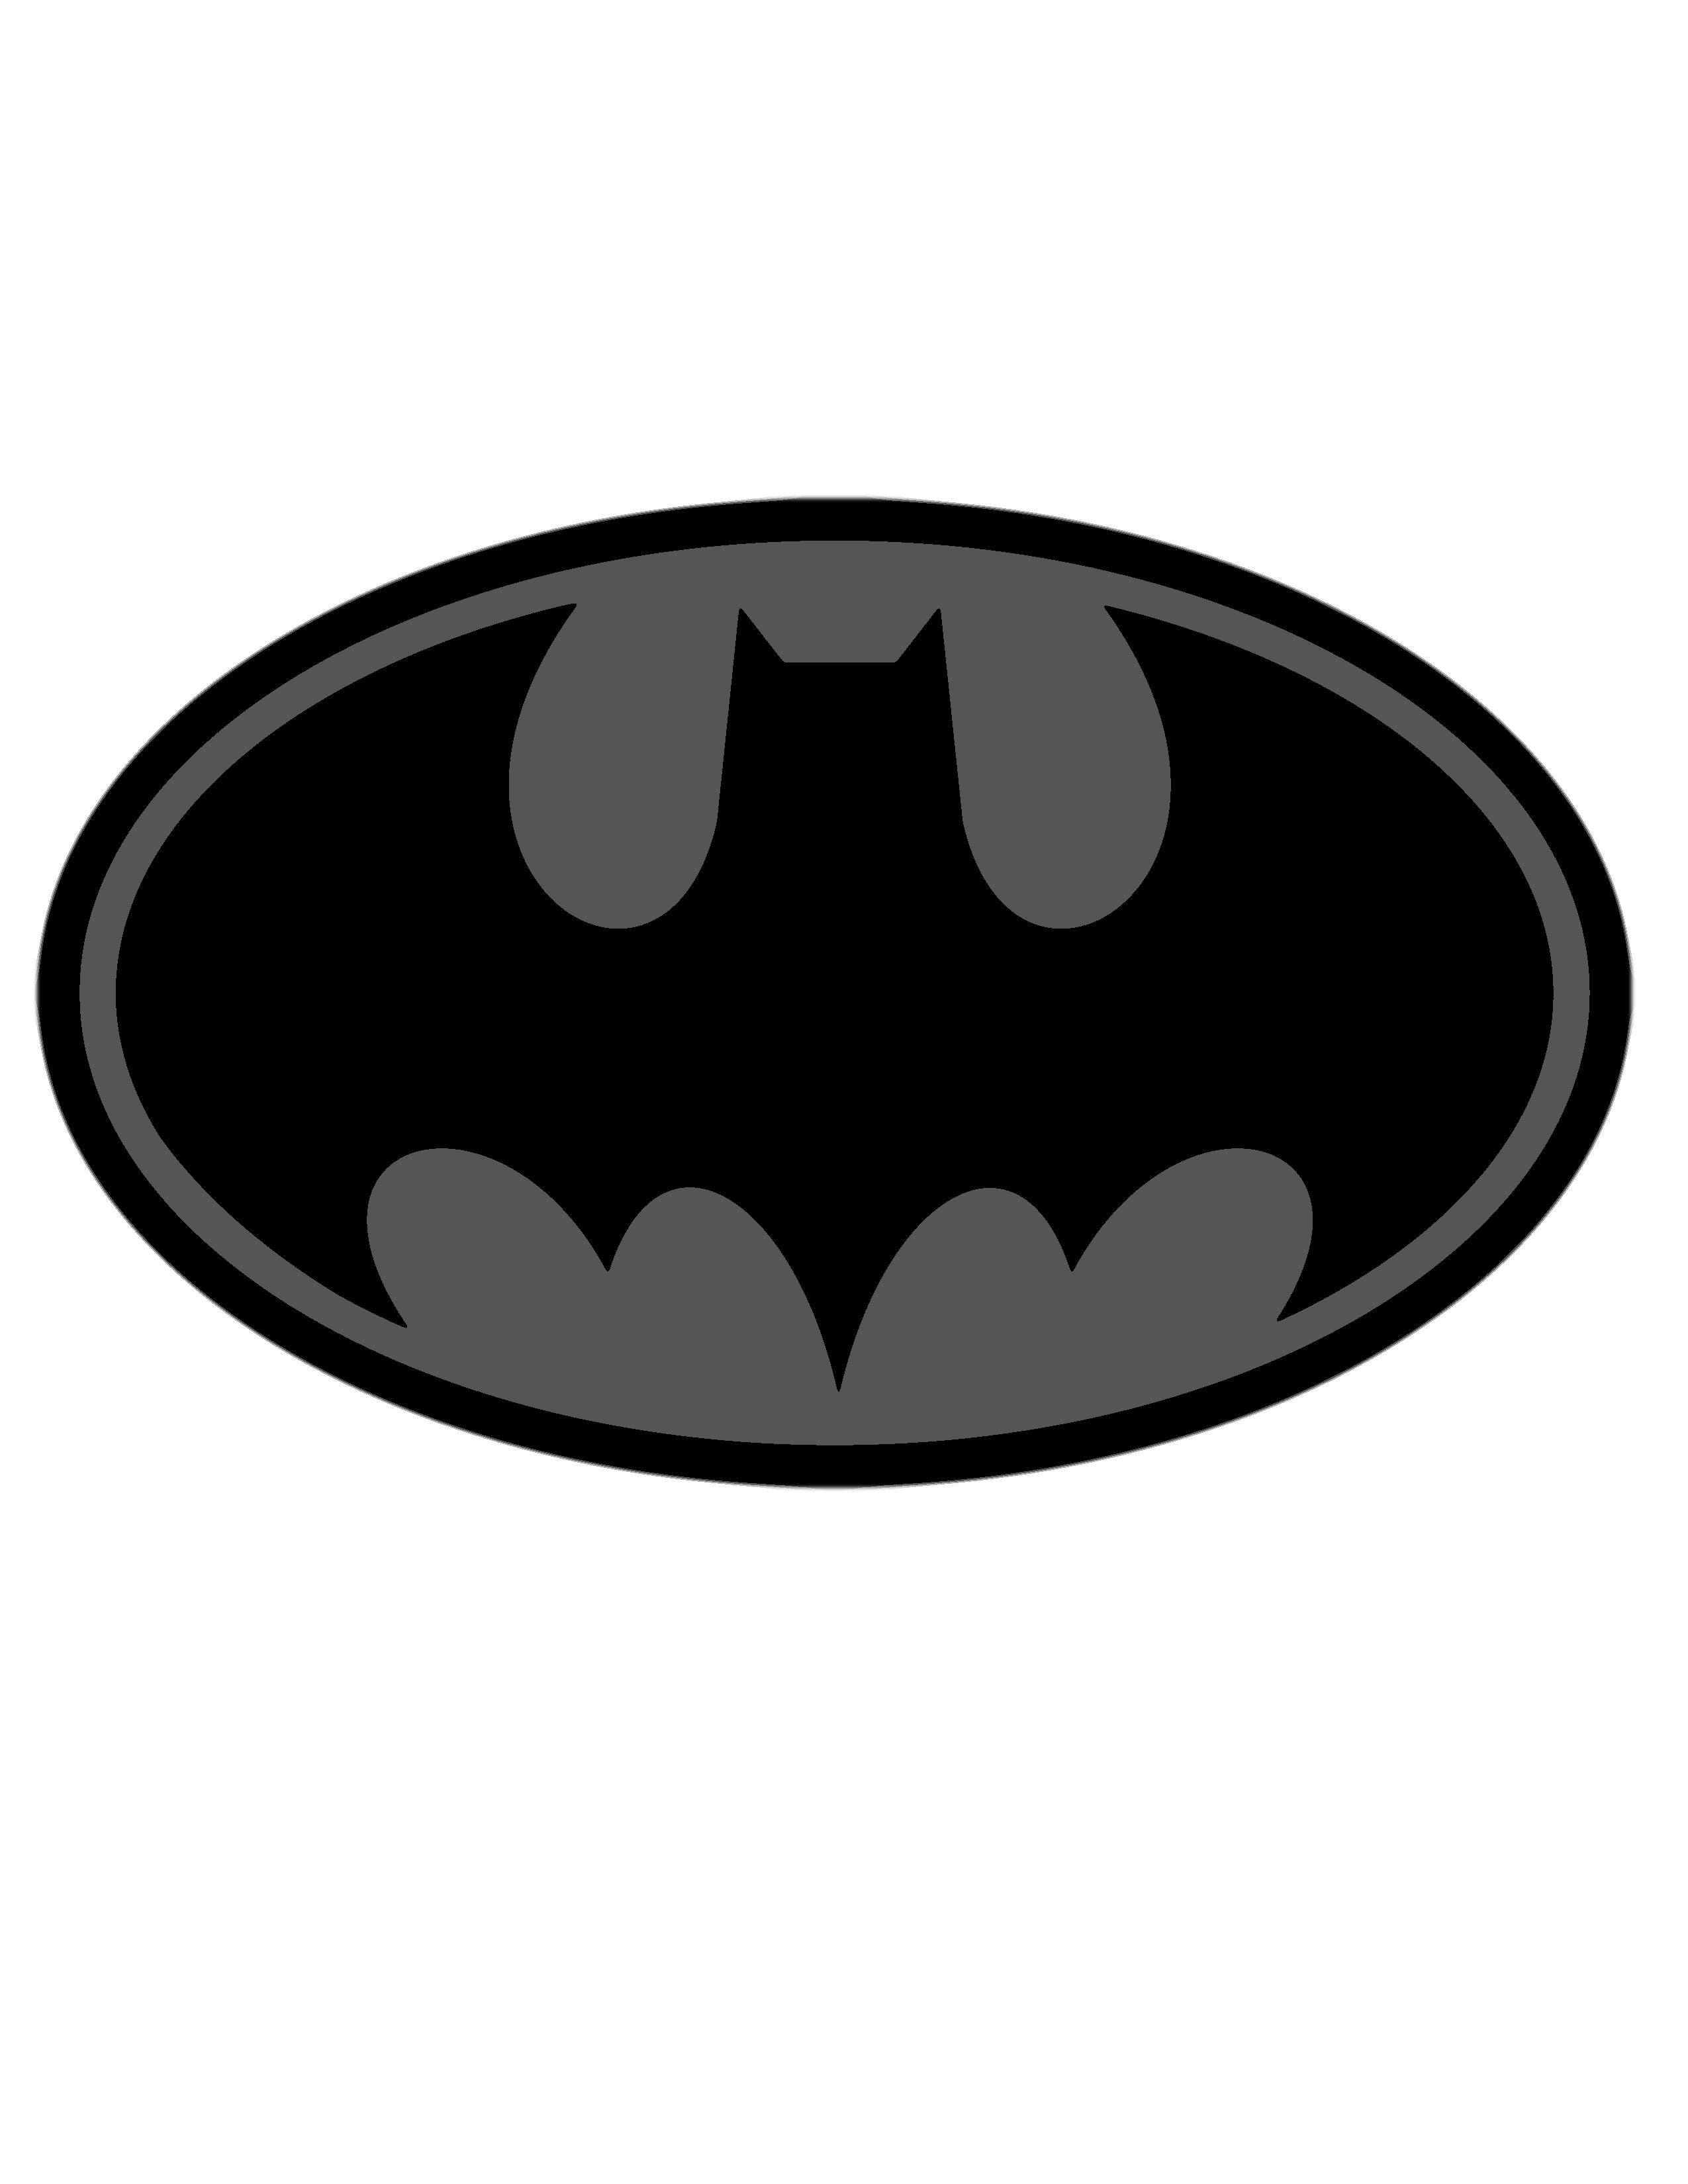 2550x3300 Batman Symbol Stencil Template For Free Download Stencil